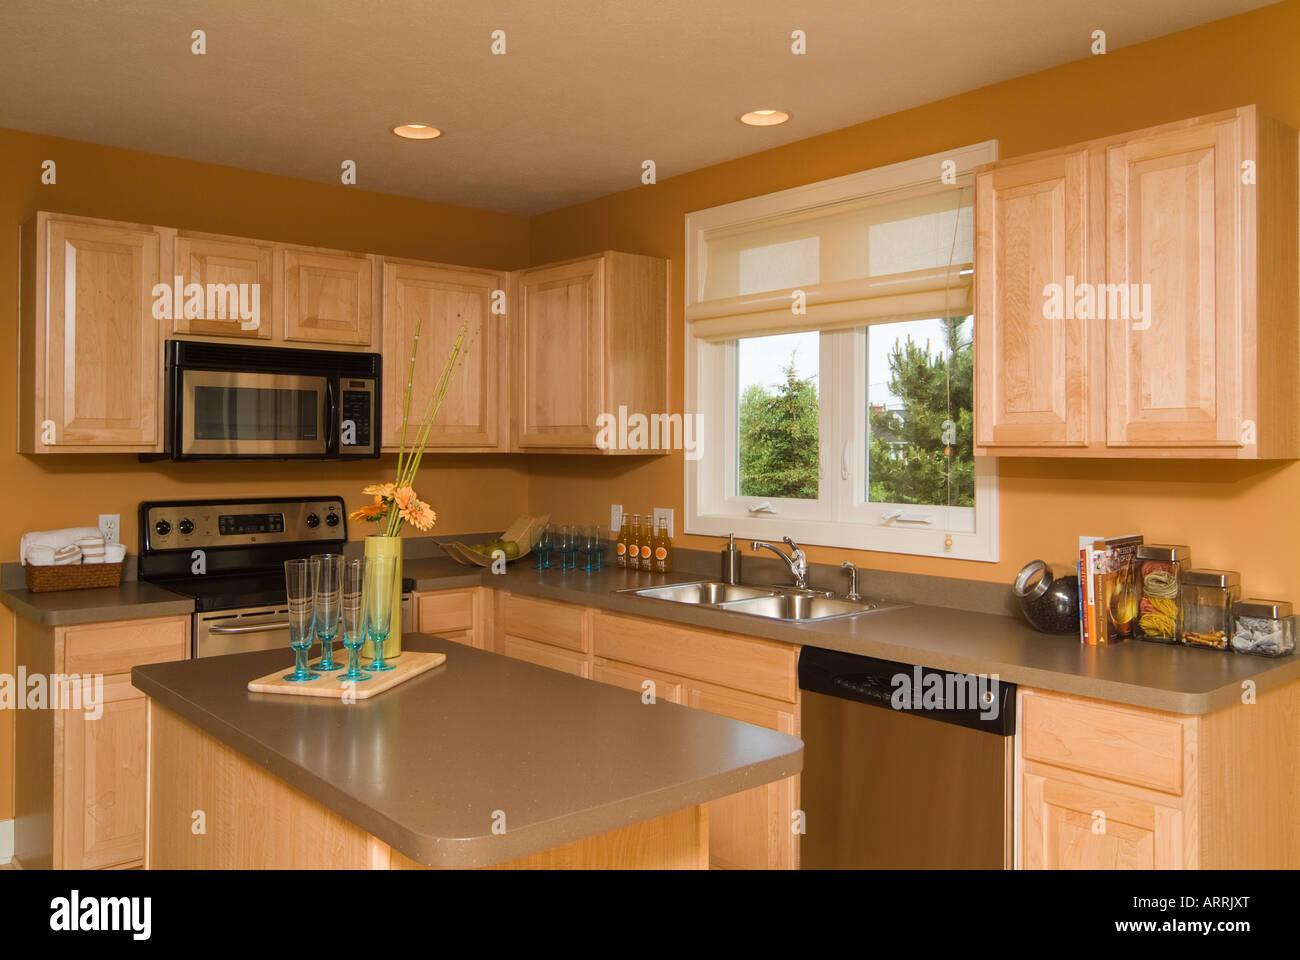 Cocina americana moderna con diseño contemporáneo, muebles de madera ...